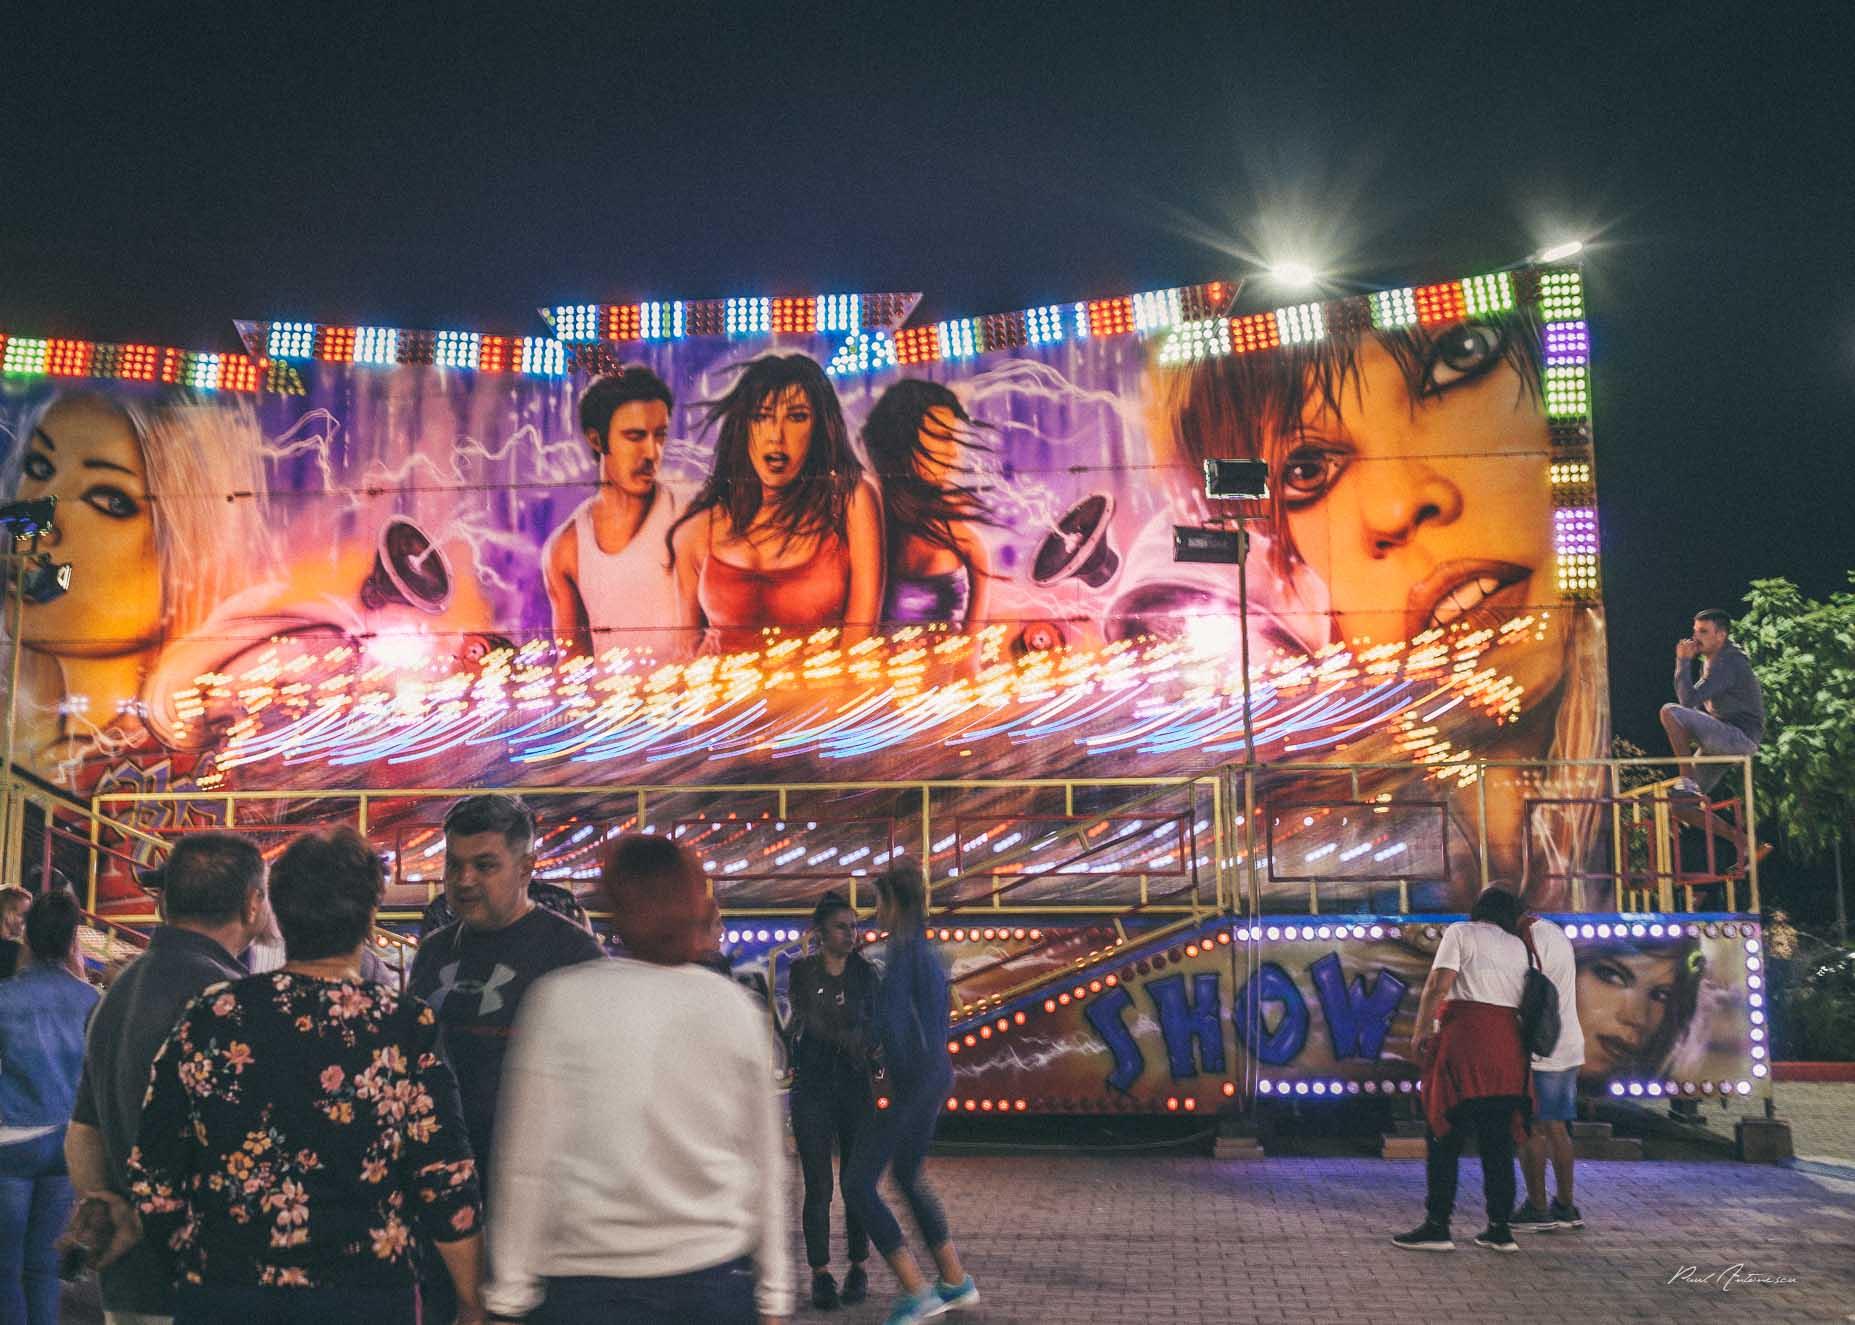 Oameni in parcul de distractie, oraselul copiilor